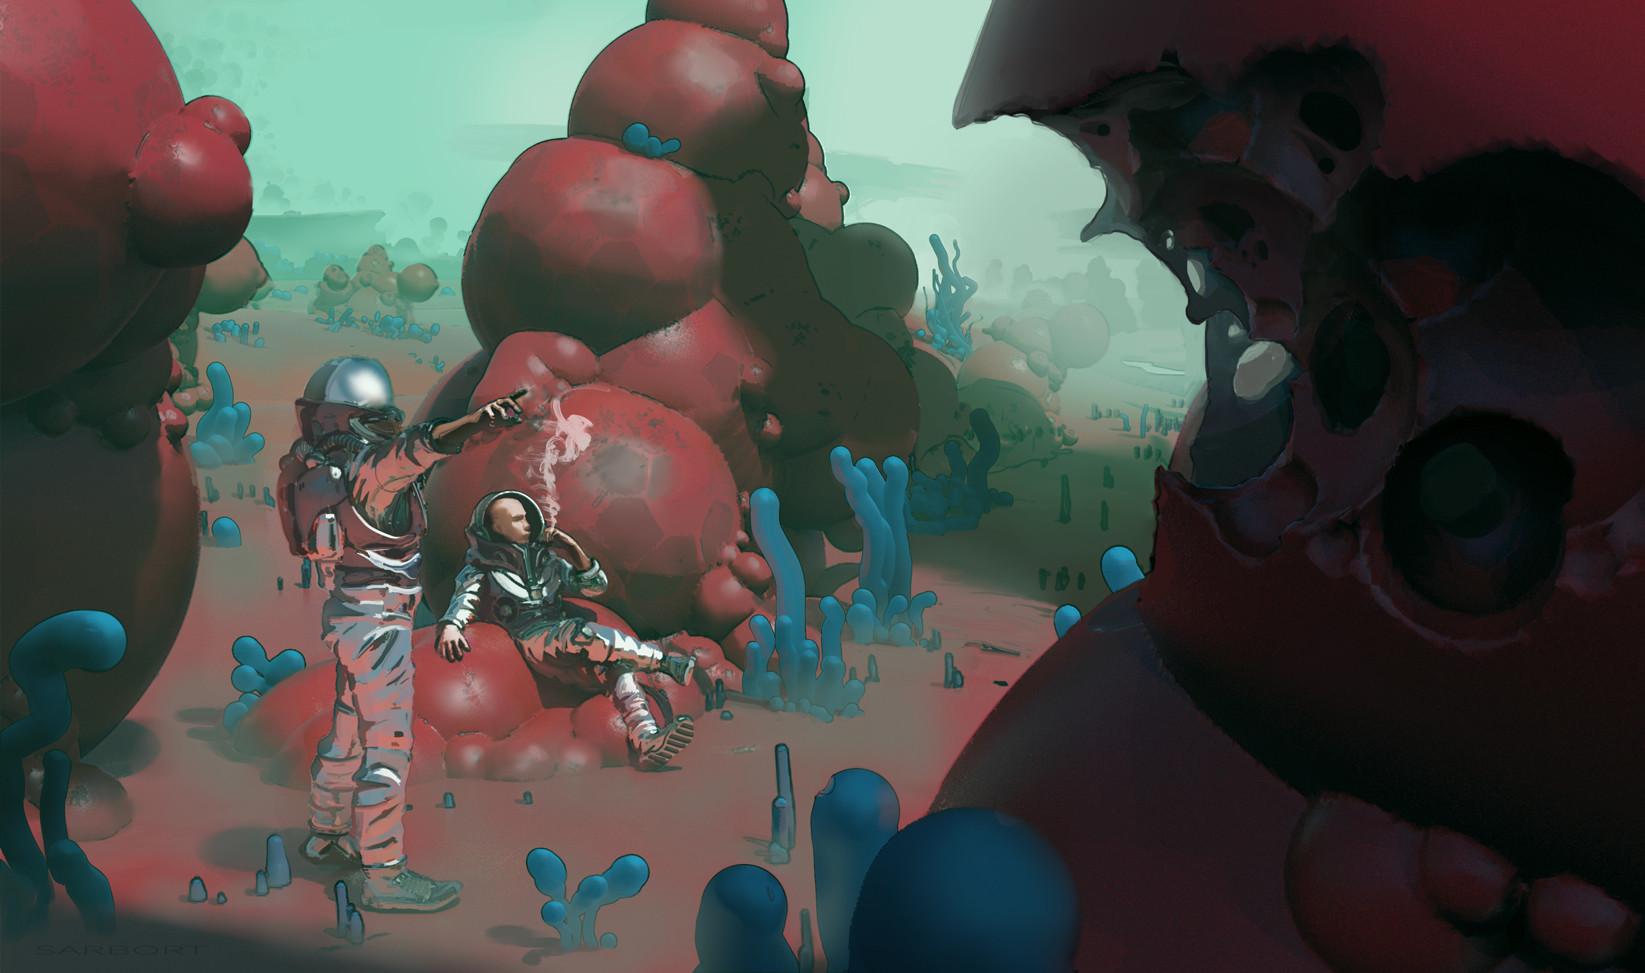 Bubble planet